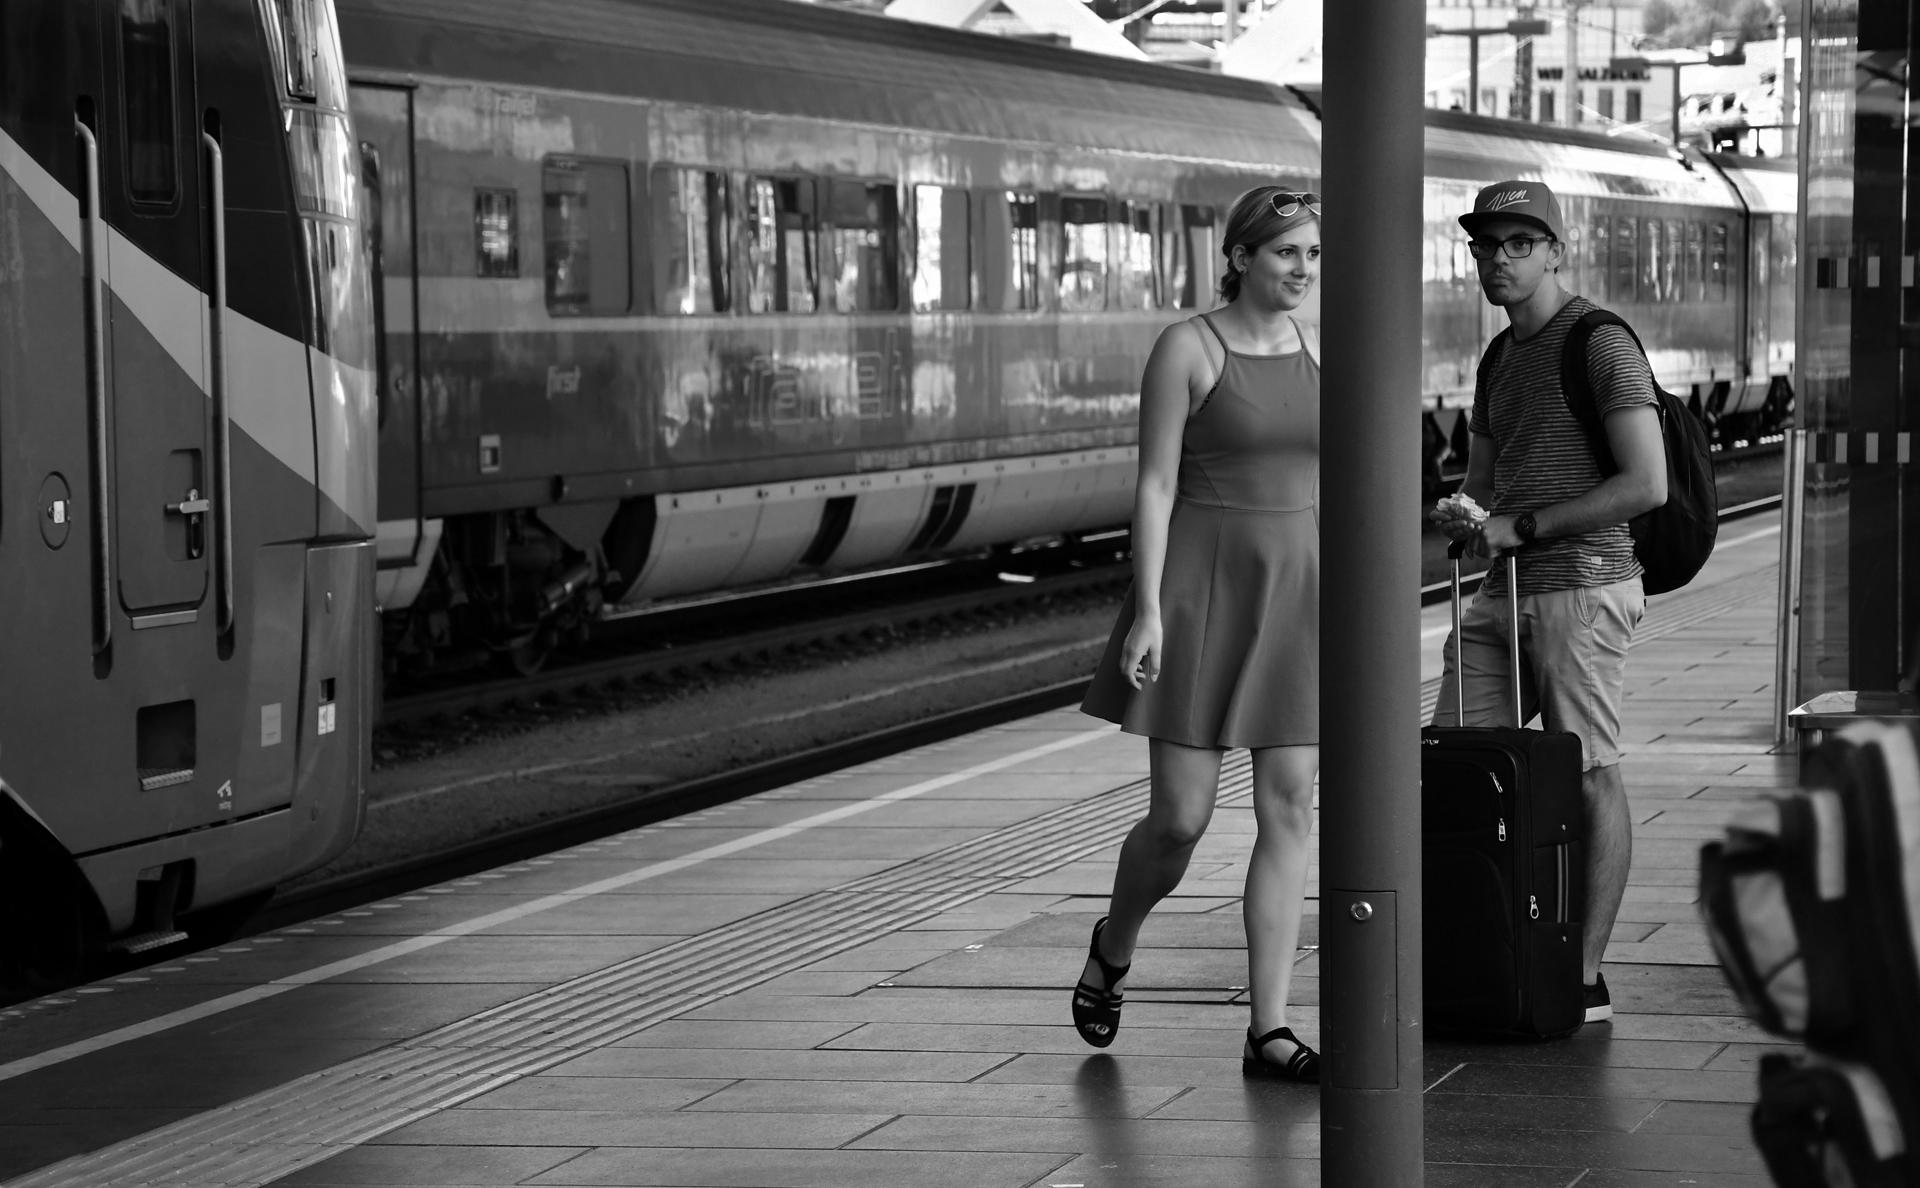 תחנת רכבת - Train Station - יואל שתרוג - אדמה יוצרת - yoel sitruk